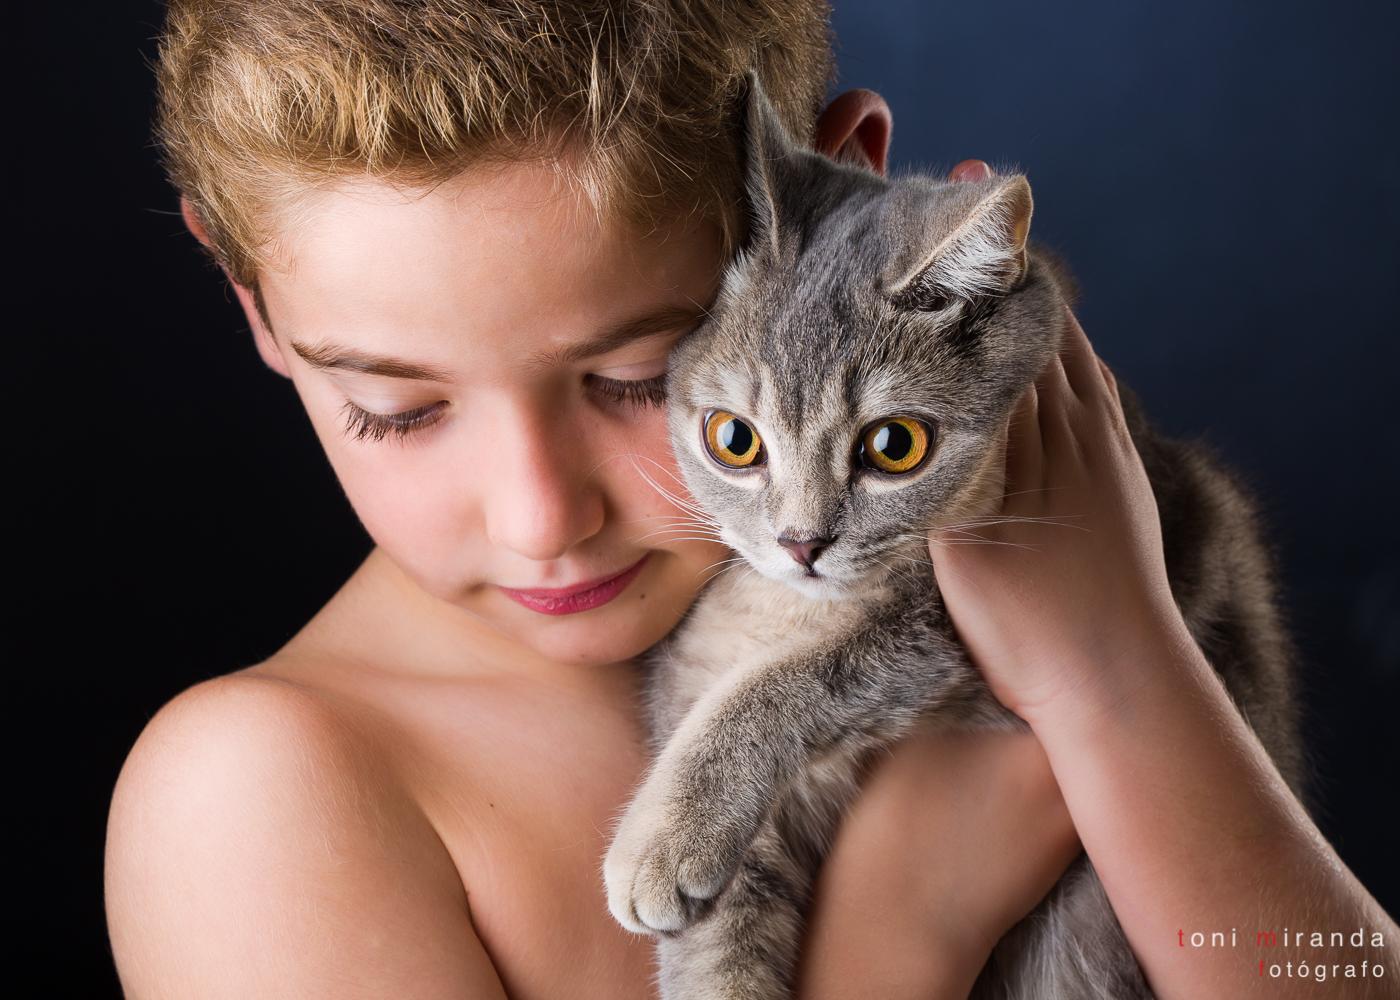 retrato niño con mascota